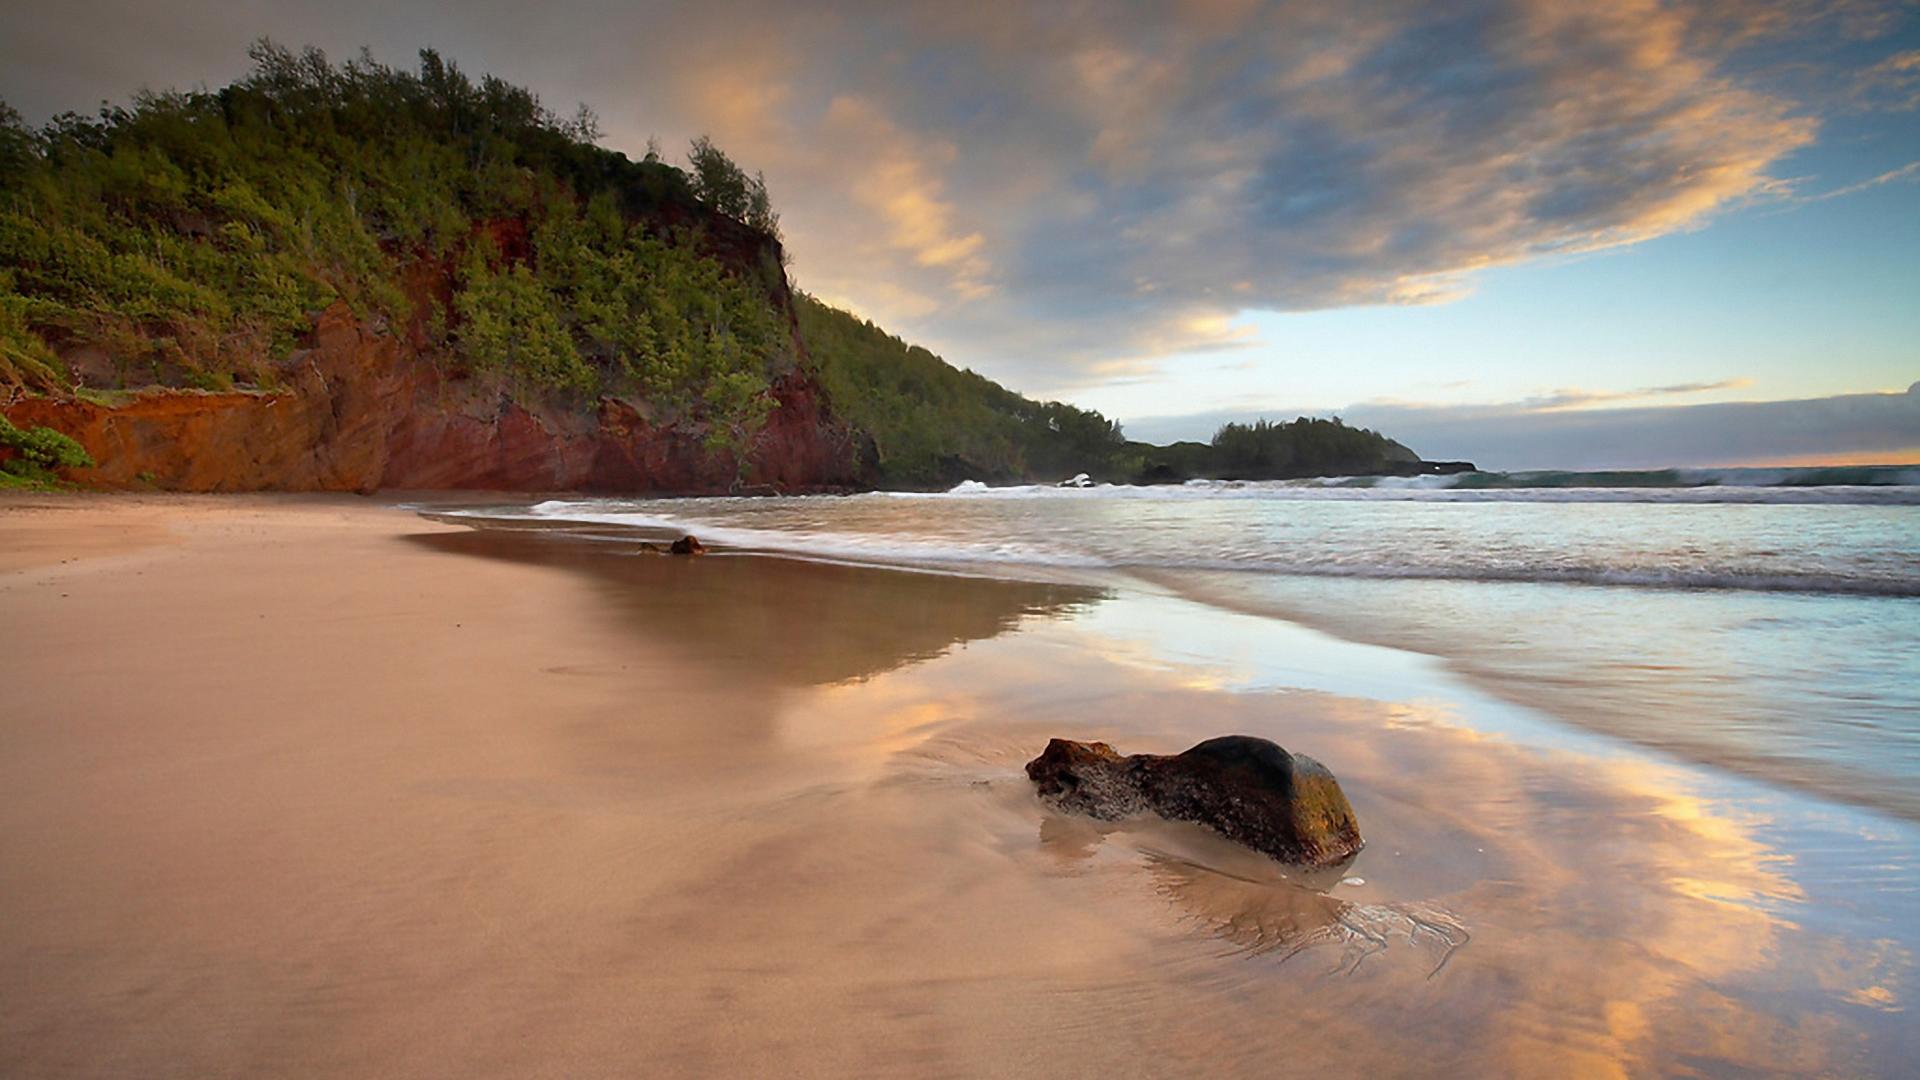 Пляж, природа. Обои для рабочего стола